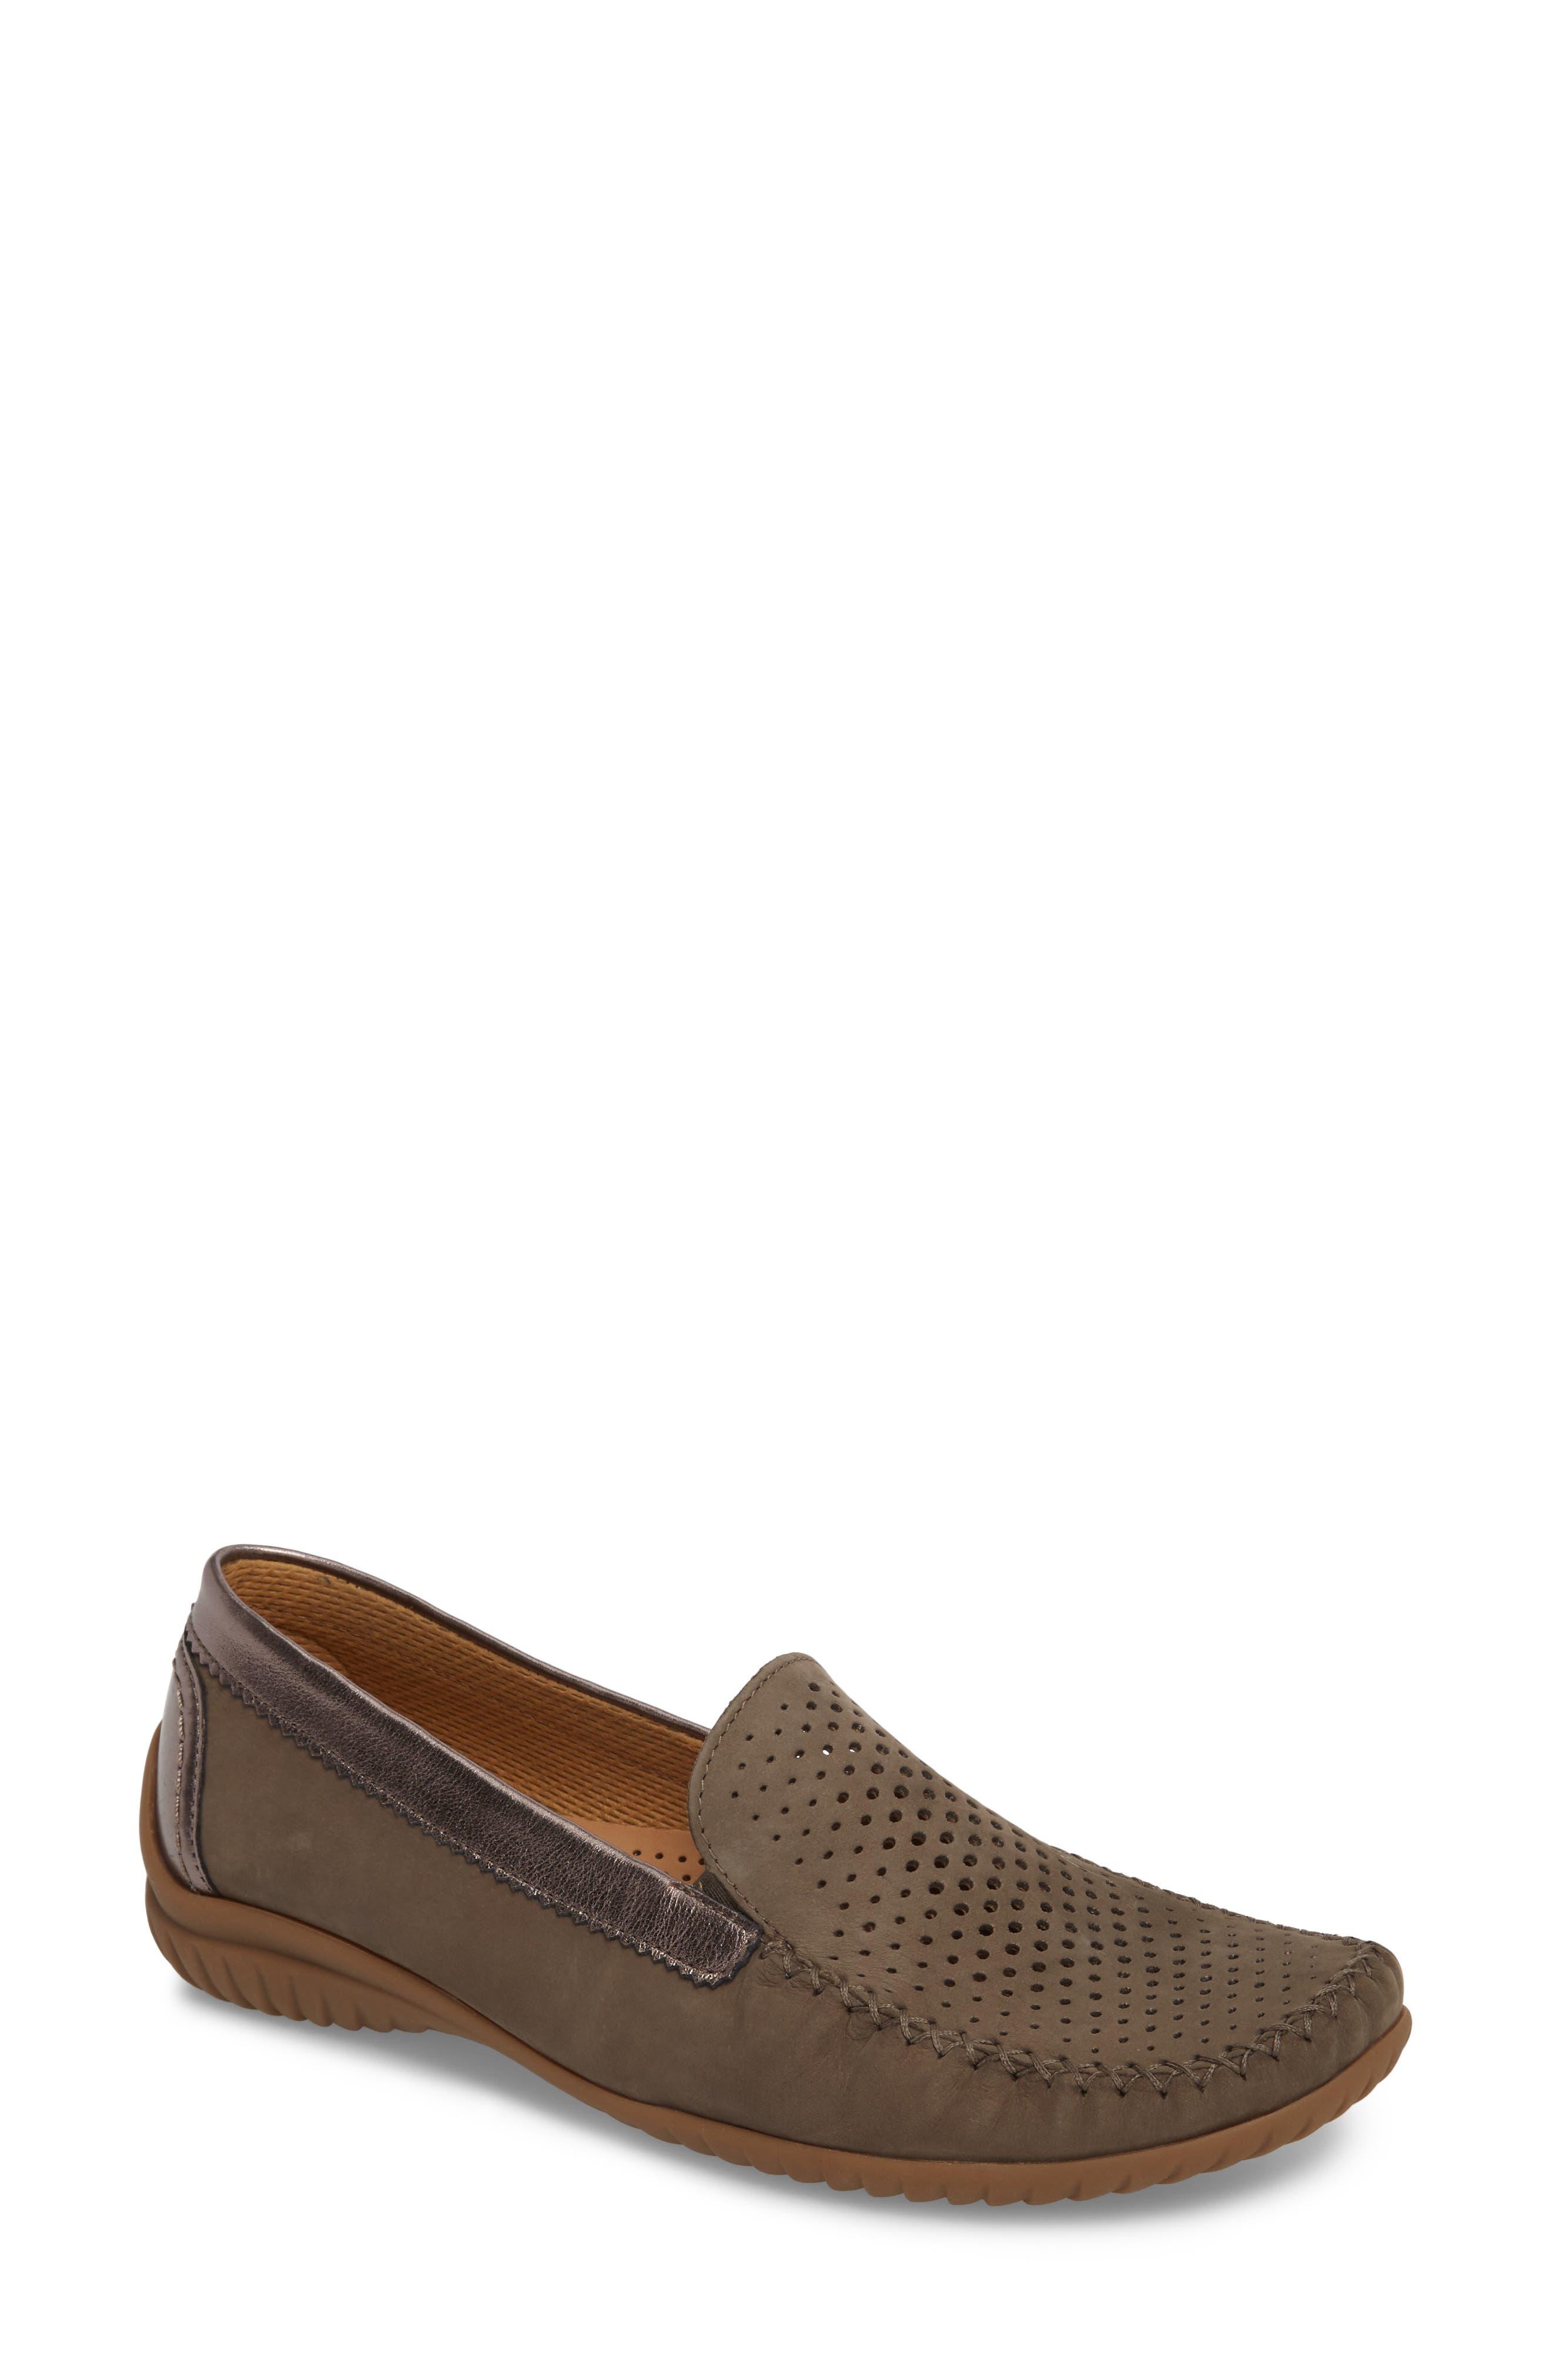 Moccasin Loafer,                         Main,                         color, BEIGE NUBUCK